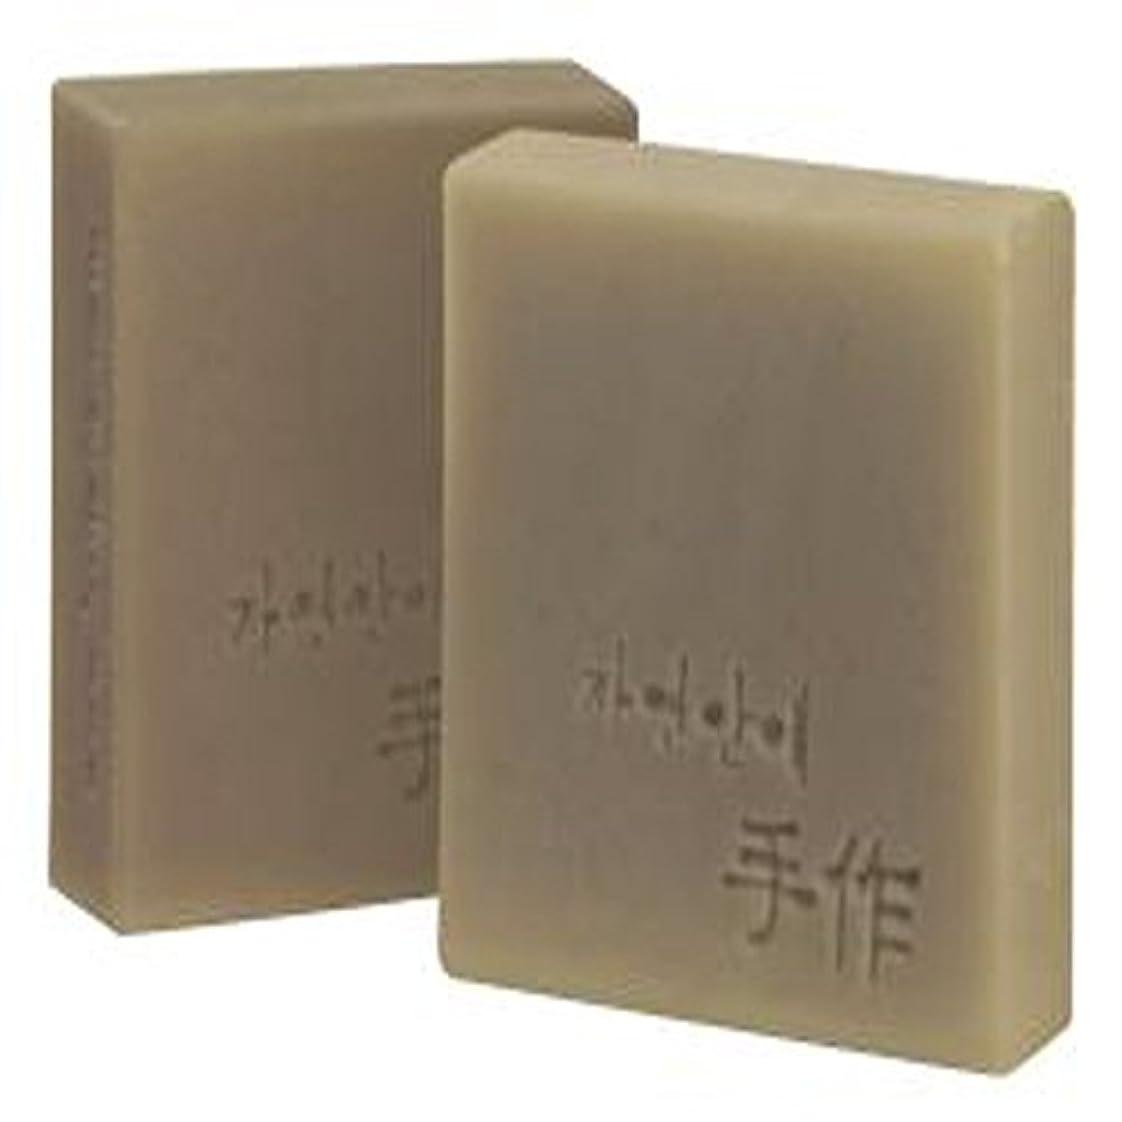 Natural organic 有機天然ソープ 固形 無添加 洗顔 (にんじん) [並行輸入品]